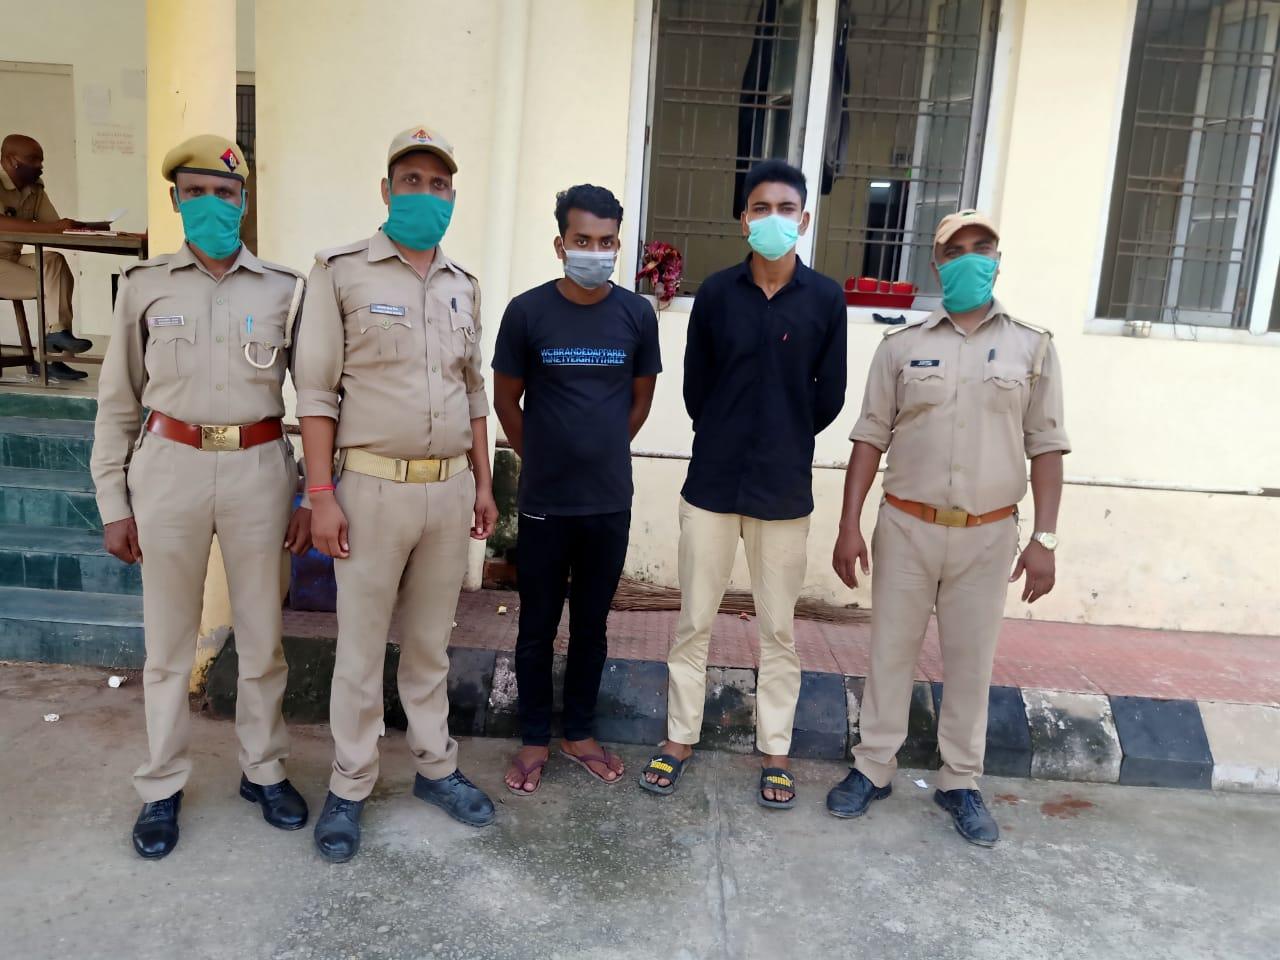 अंगारा रेस्टोरेंट में खाना खाने गए बीआरडी के डॉक्टरों से कर्मचारियों ने की मारपीट, डॉक्टरों ने भी रेस्टोरेंट में किया तोड़फोड़; केस दर्ज|गोरखपुर,Gorakhpur - Dainik Bhaskar